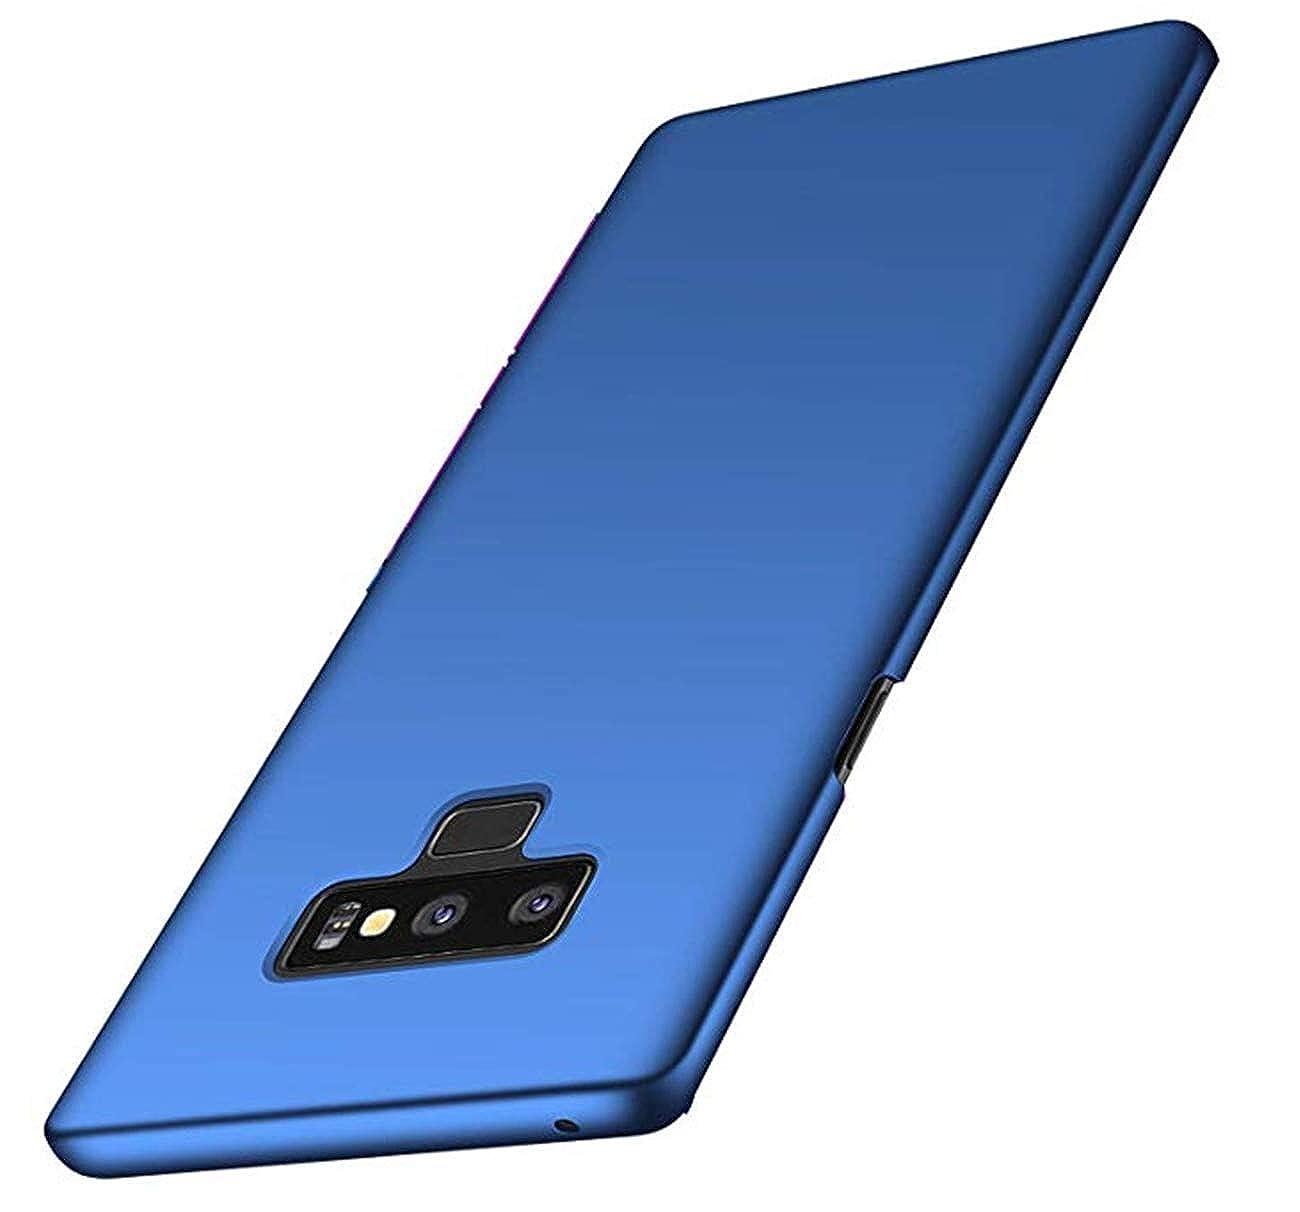 Handyhü lle Samsung Galaxy Note9 Galaxy Note8 Hü lle, Extra Dü nn Galaxy Note9 Hart handytasche Premium Seidig Galaxy Note8 Schutzhü lle Stylisch Matte Leicht Tasche